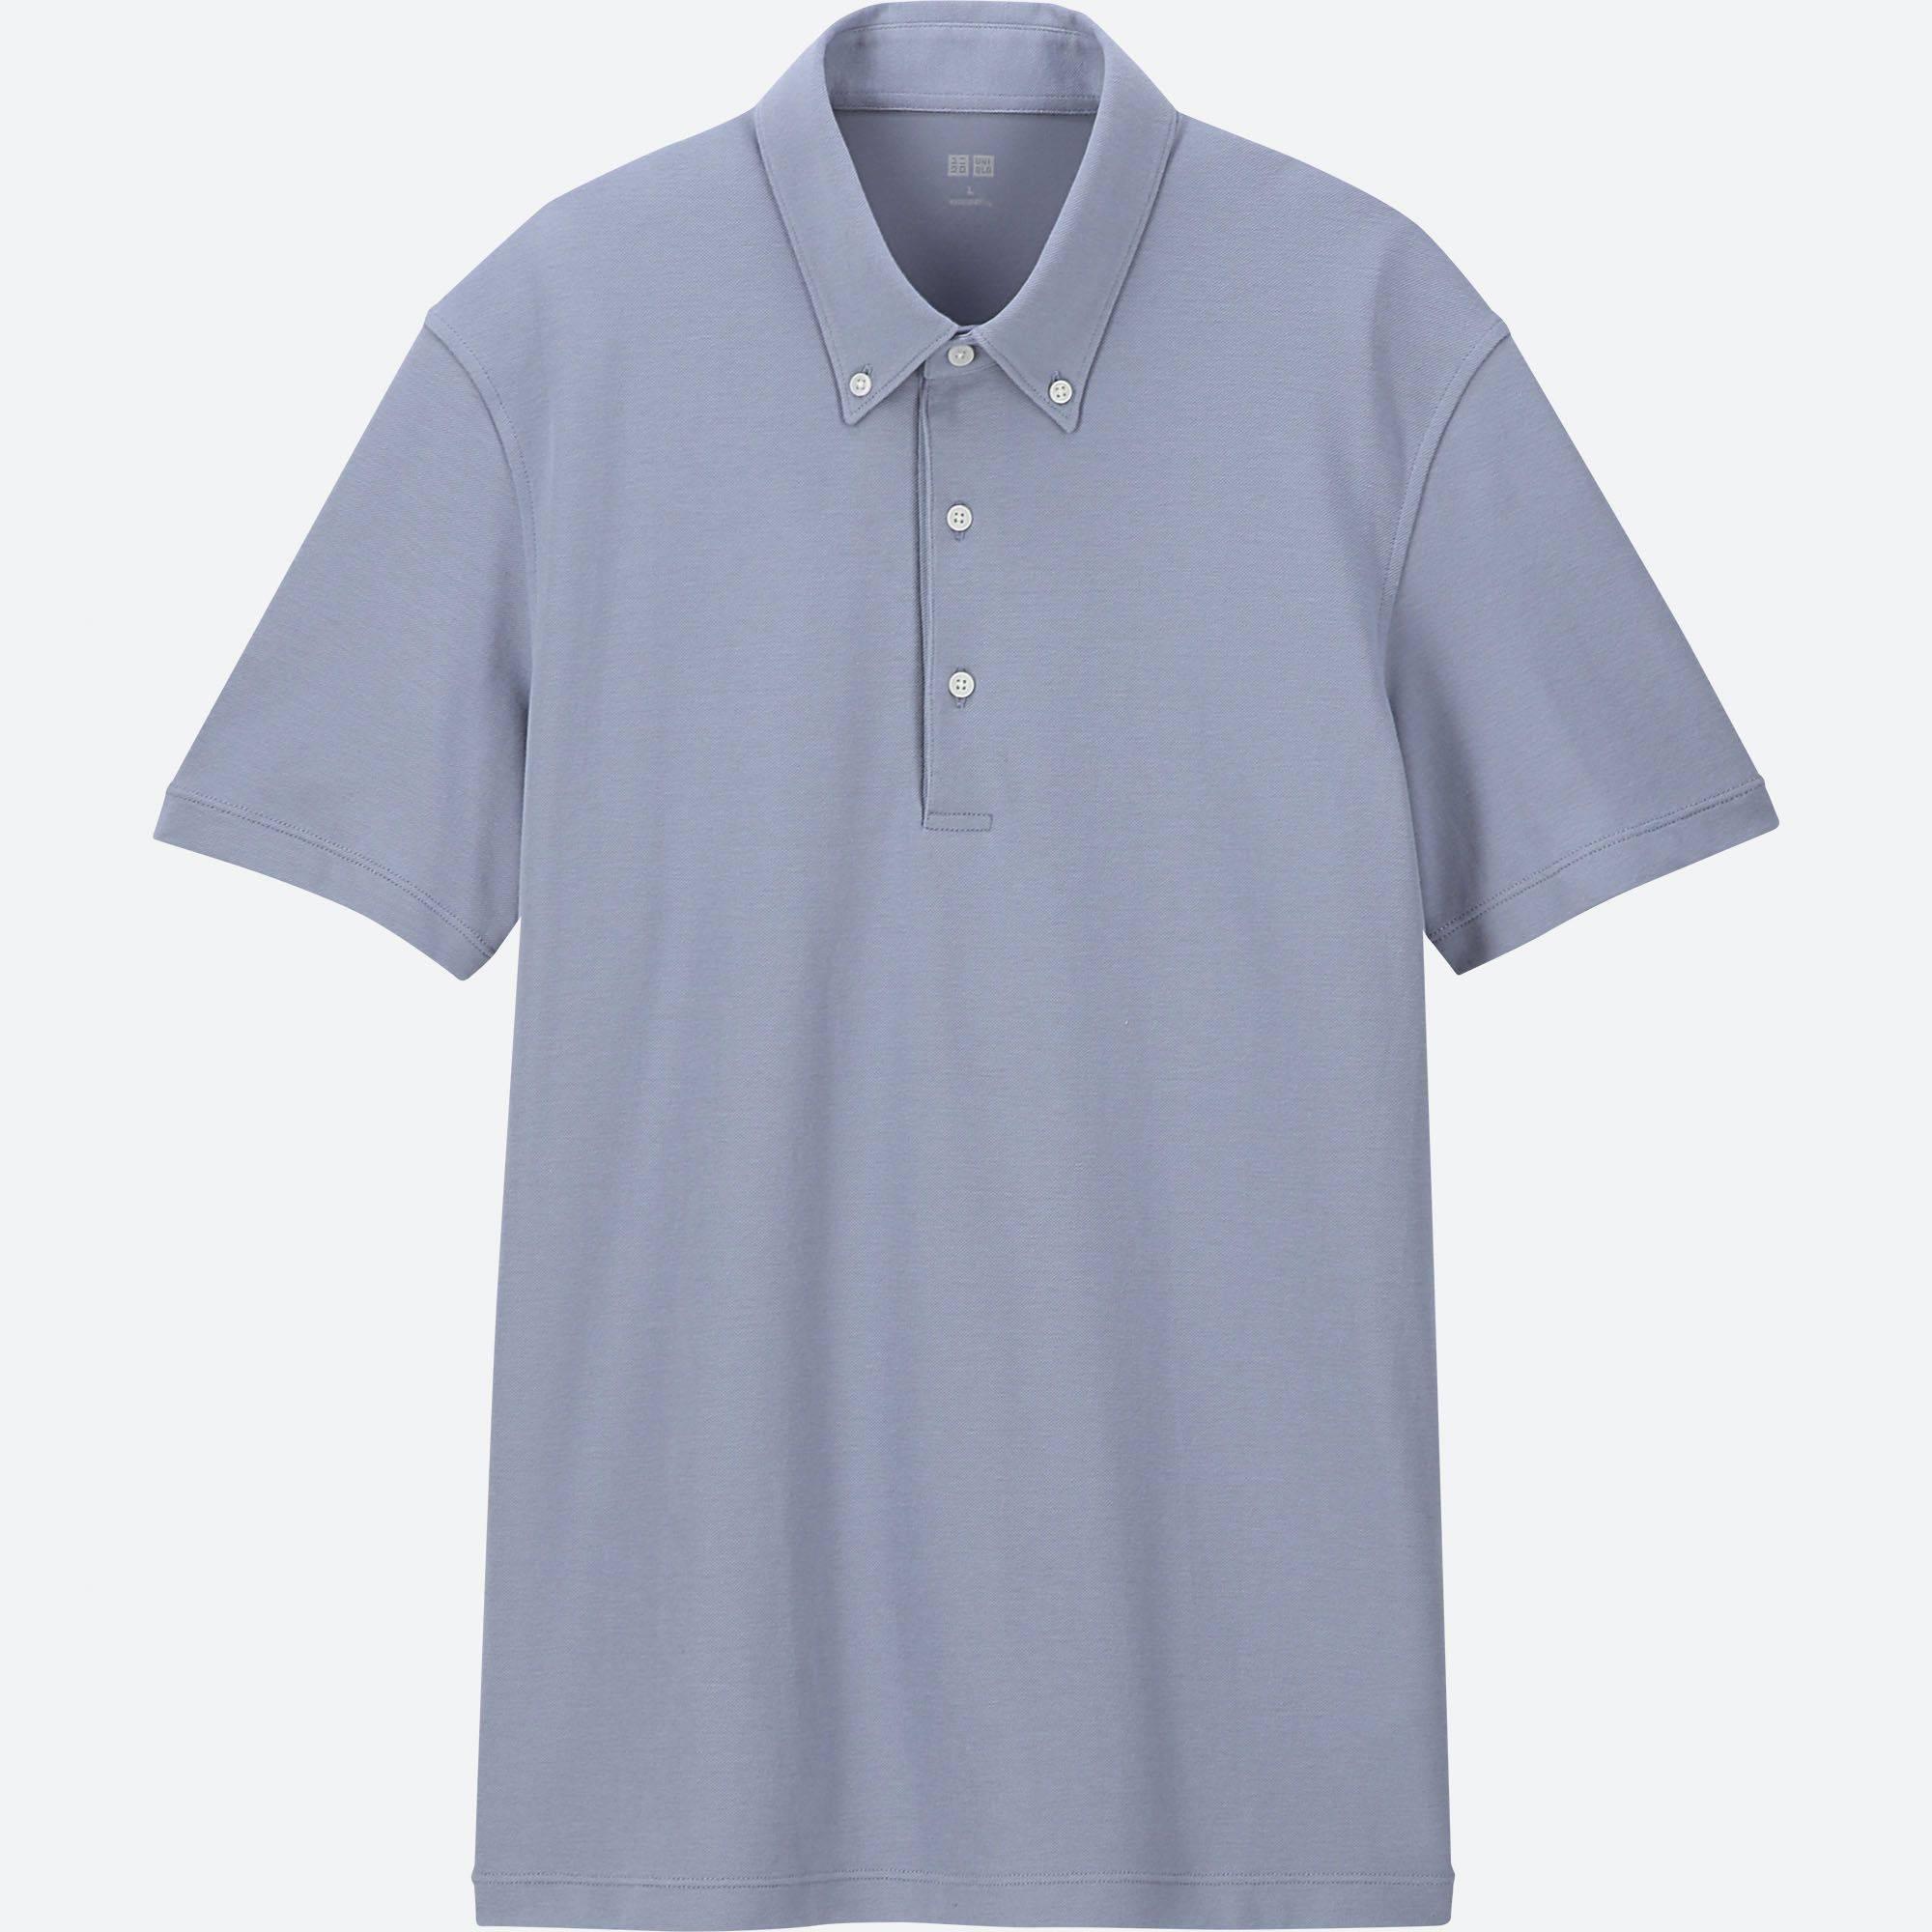 c0ee3770681 Uniqlo Airism - новая коллекция одежды Юникло LifeWear